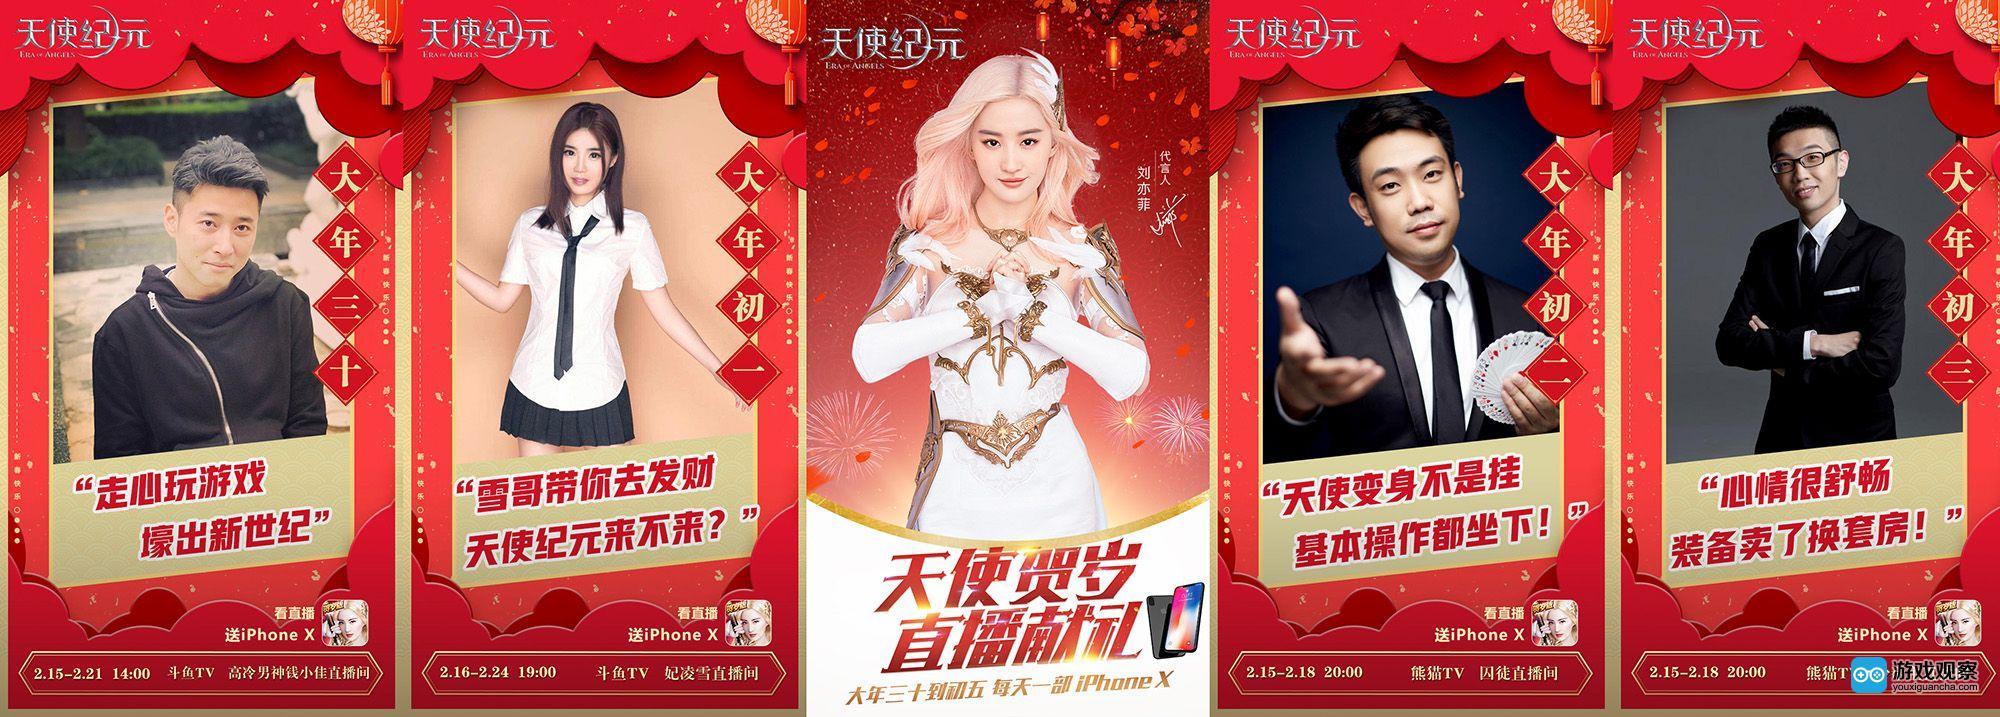 《天使纪元》春节系列直播活动